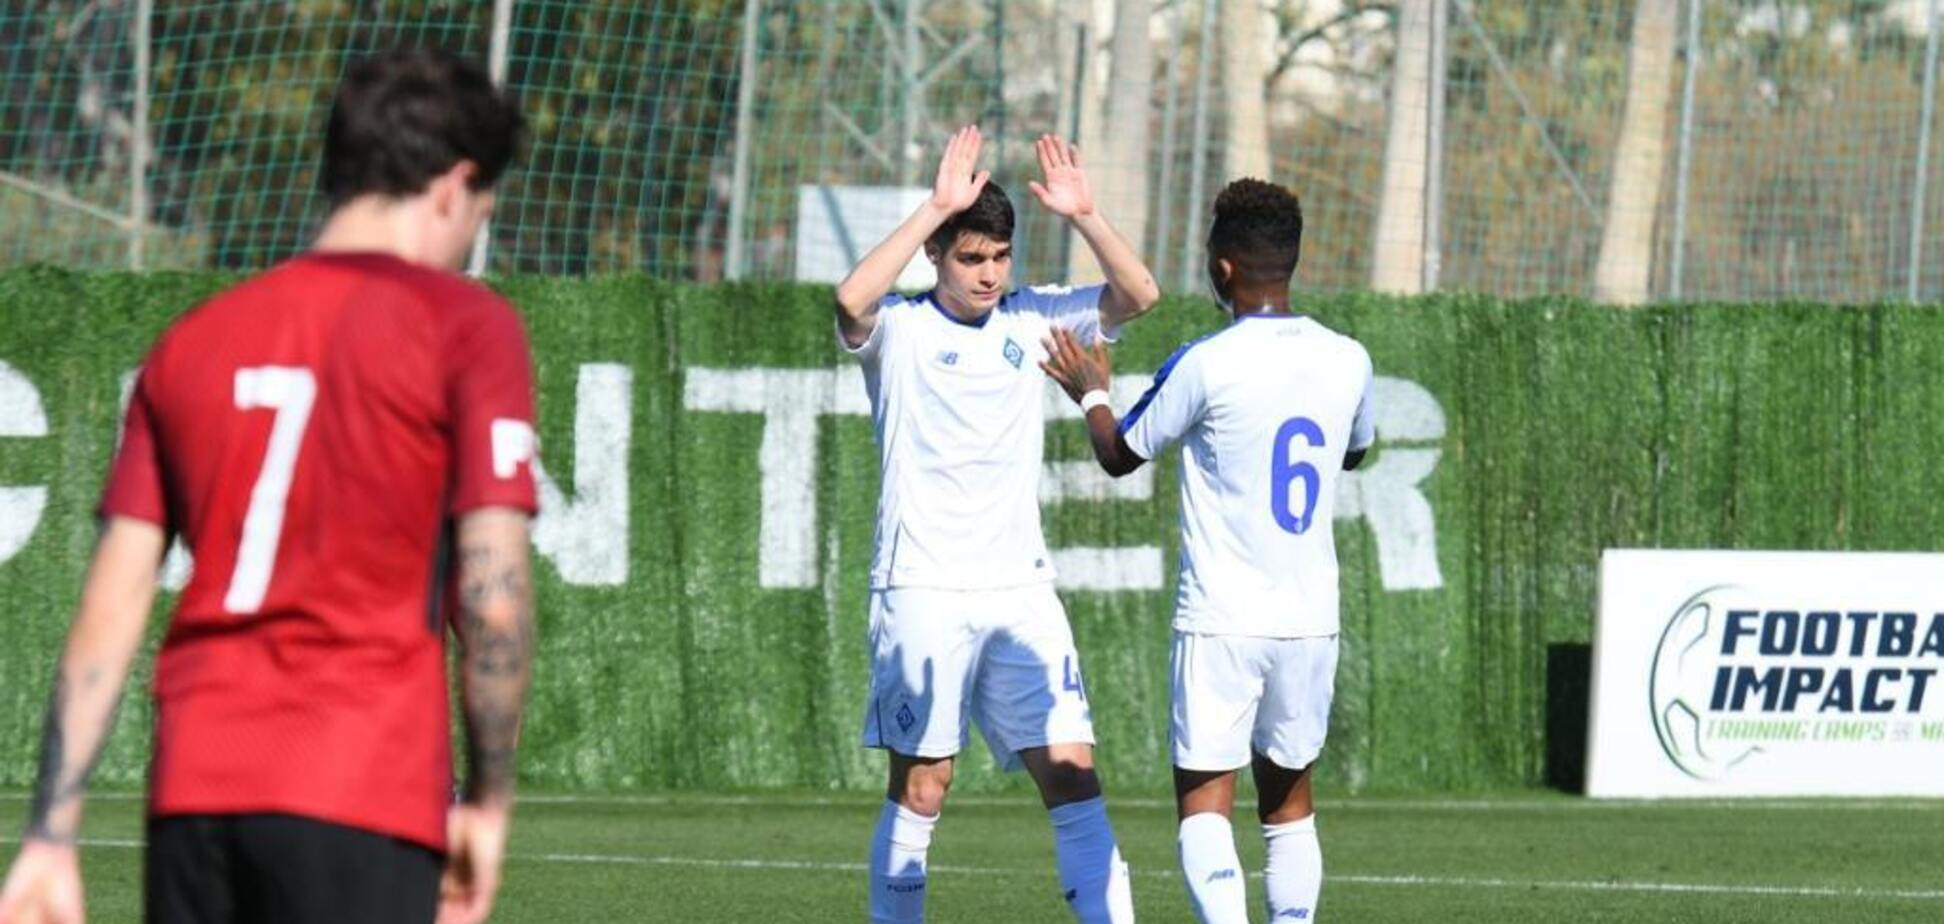 Молодий футболіст 'Динамо' відзначився фантастичним голом у товариському матчі